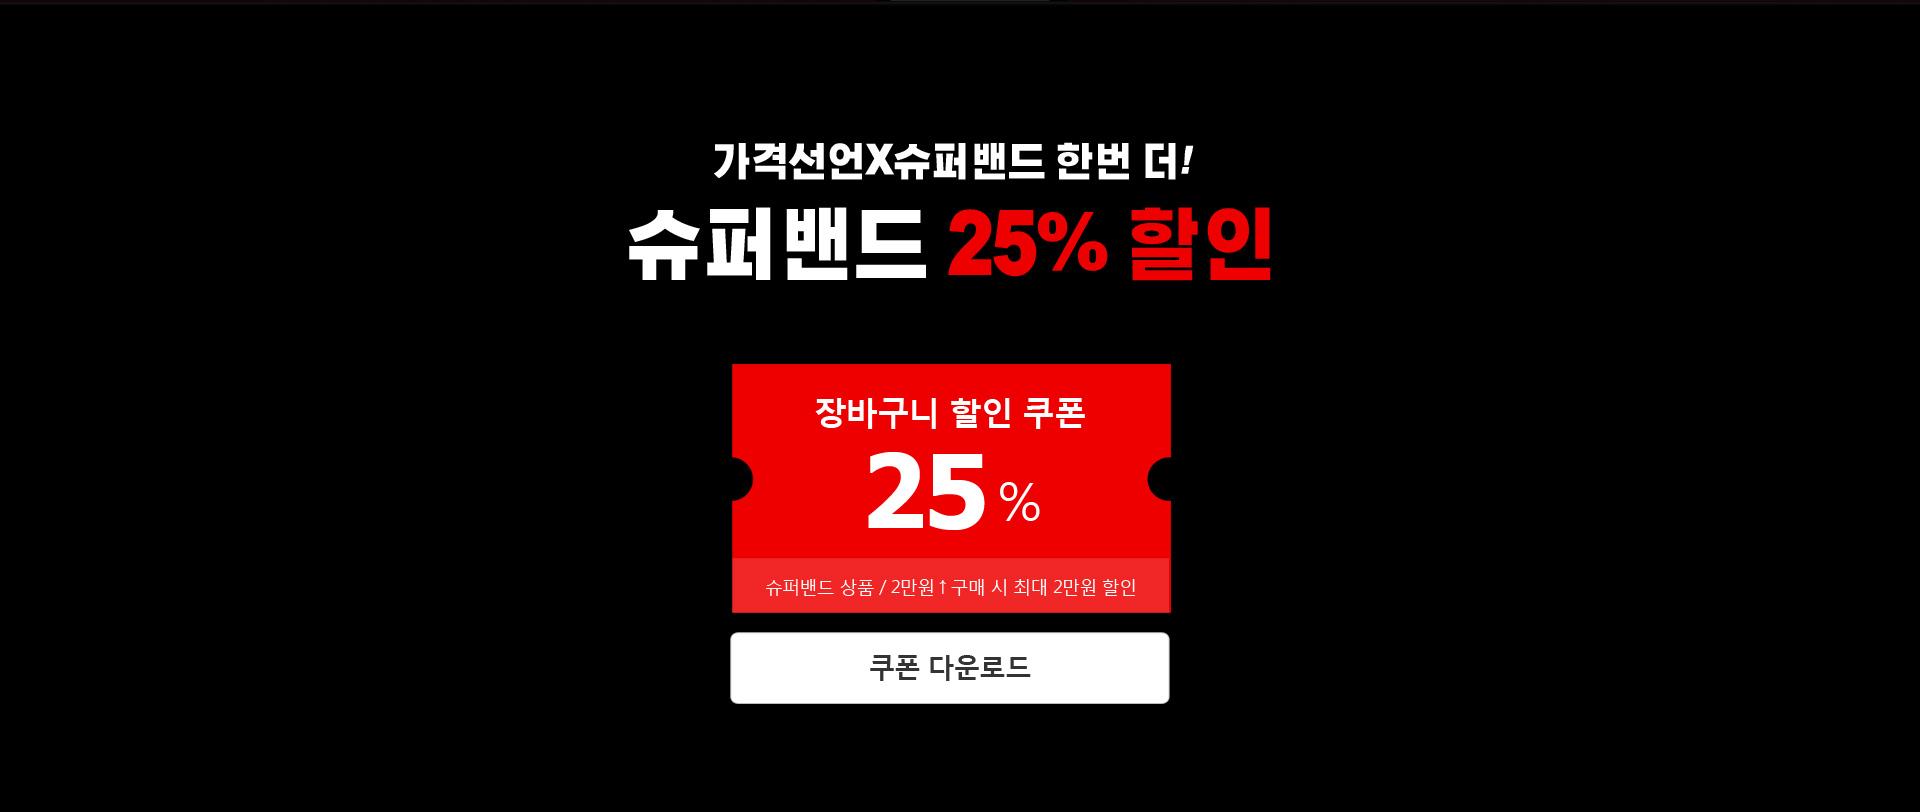 장바구니 중복쿠폰 25% 기획전 내 상품 최대 1만원 할인 쿠폰다운로드